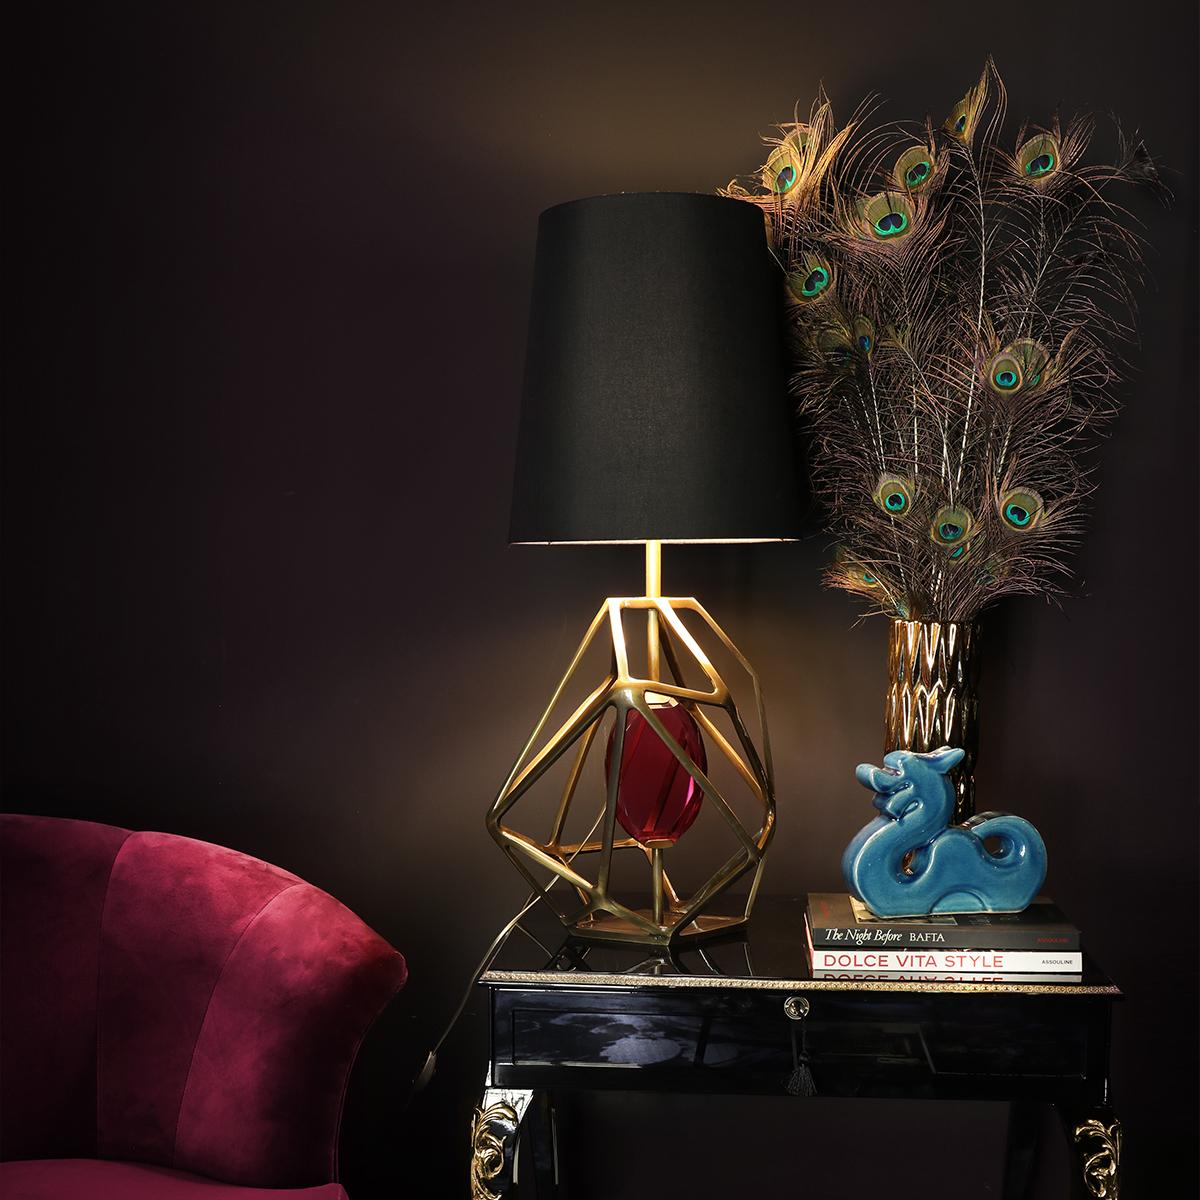 Lámparas de mesa: Ideas lujuosas para un proyecto elegante lámparas de mesa Lámparas de mesa: Ideas lujuosas para un proyecto elegante KOKET GEM TABLE LAMP 1